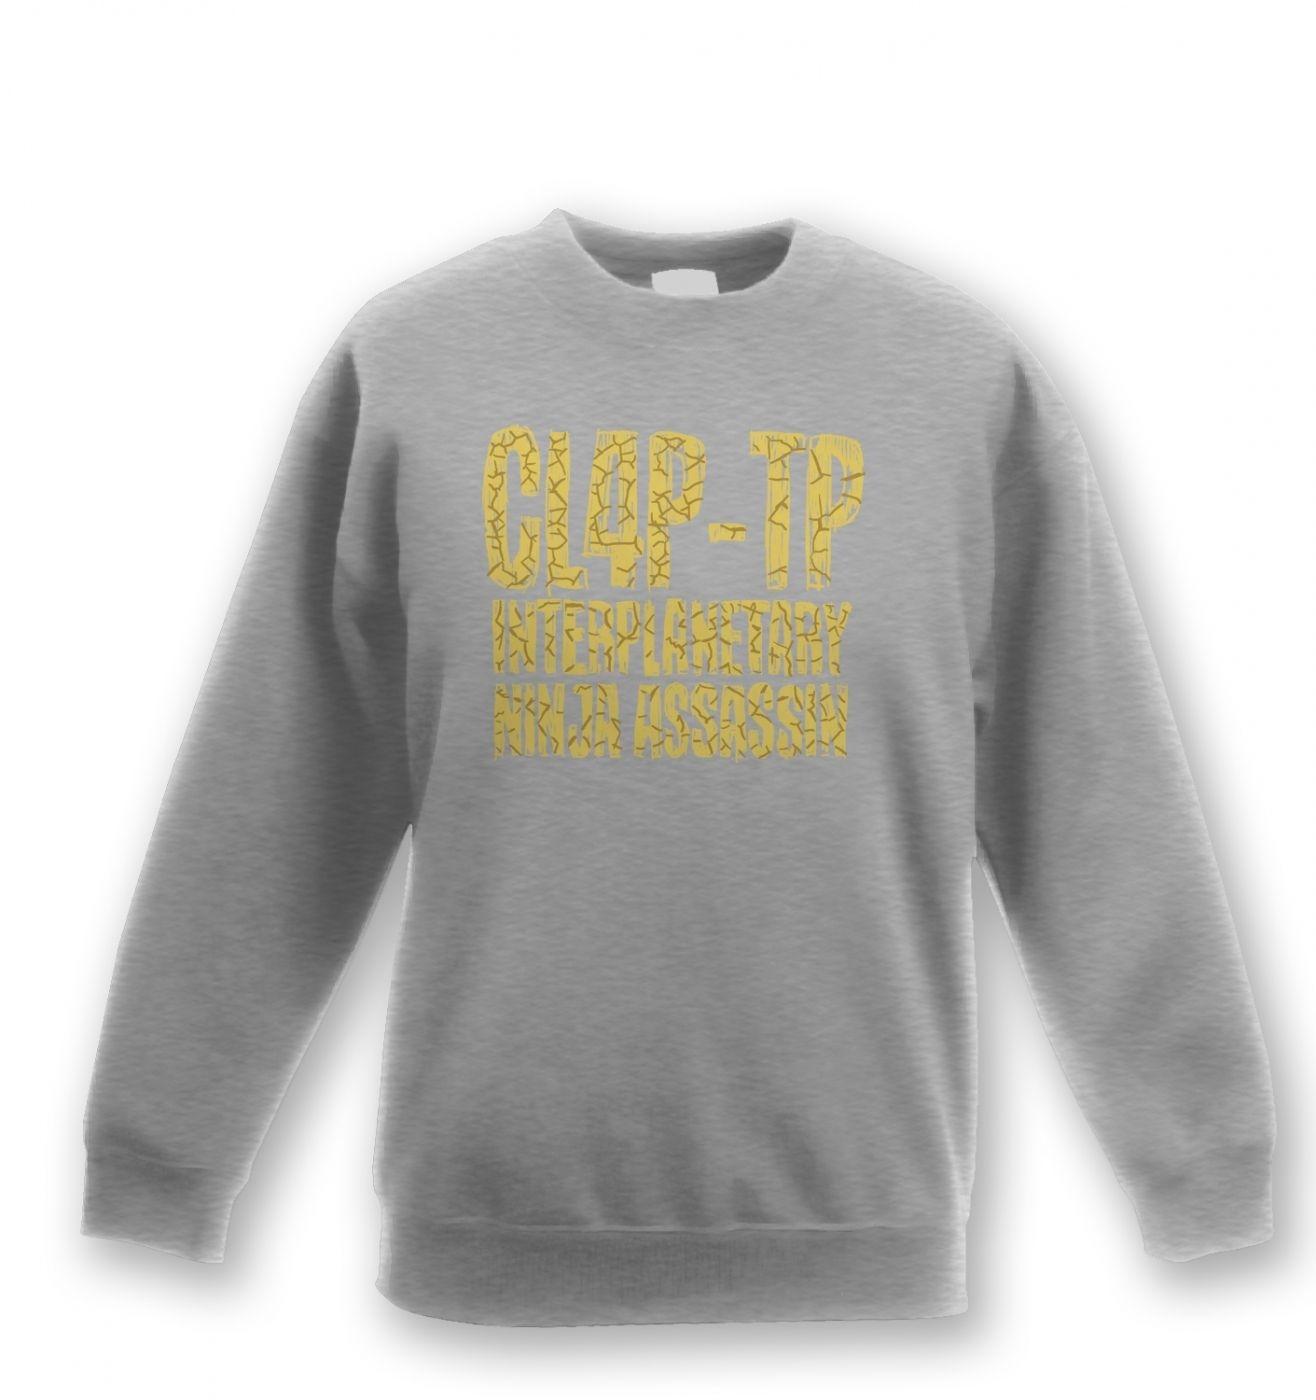 Clap Trap kids' sweatshirt